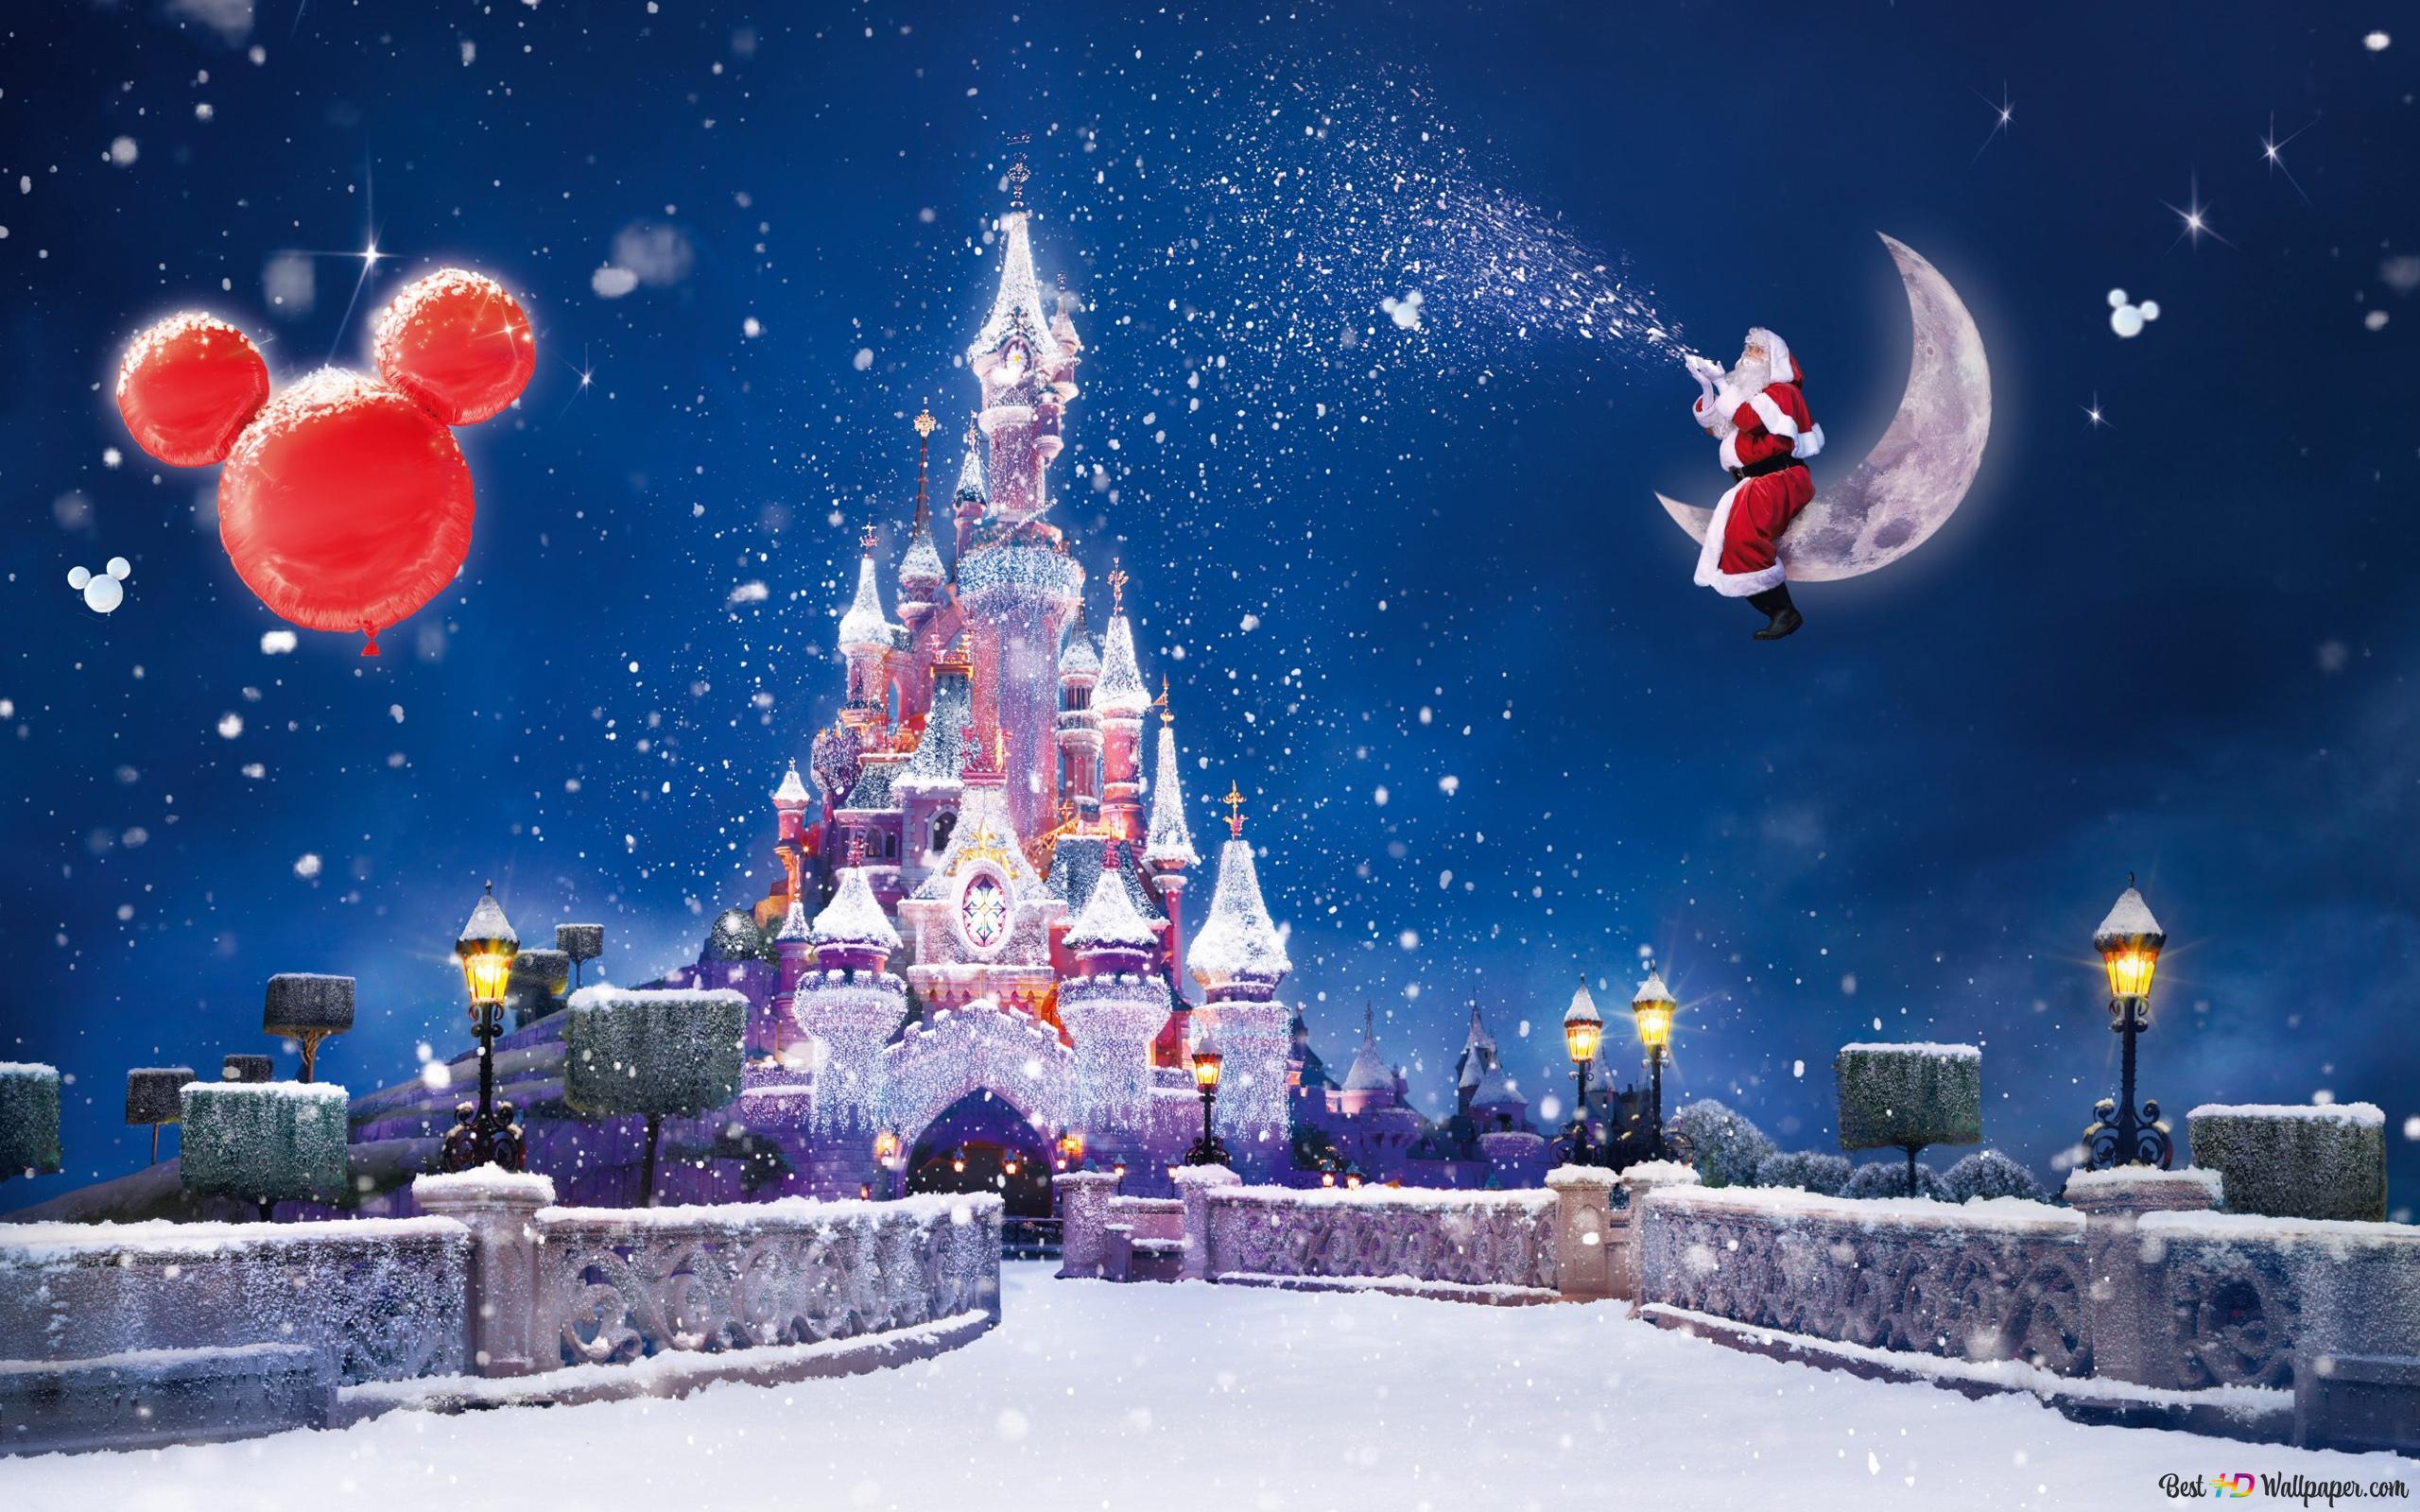 ディズニーランドクリスマス Hd壁紙のダウンロード